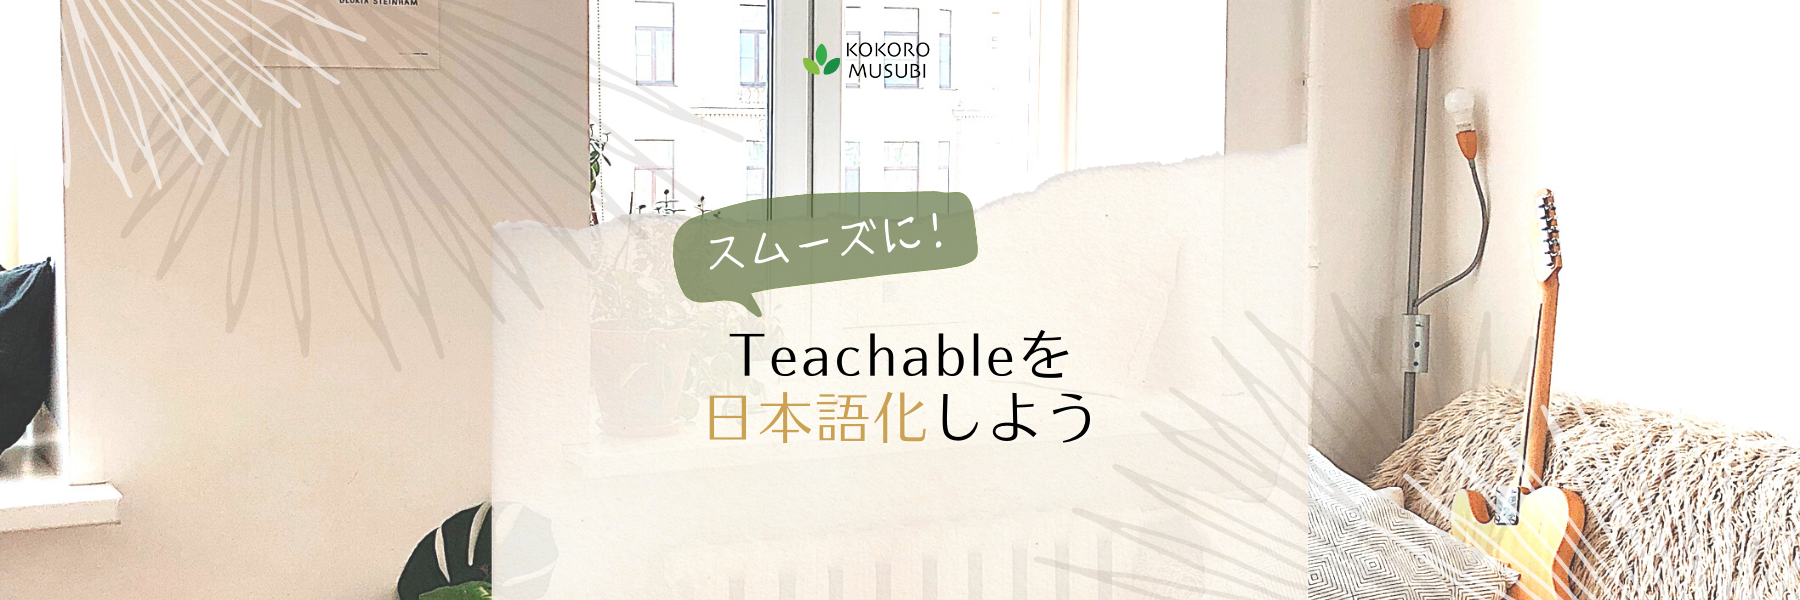 スムーズにTeachableを日本語化しよう